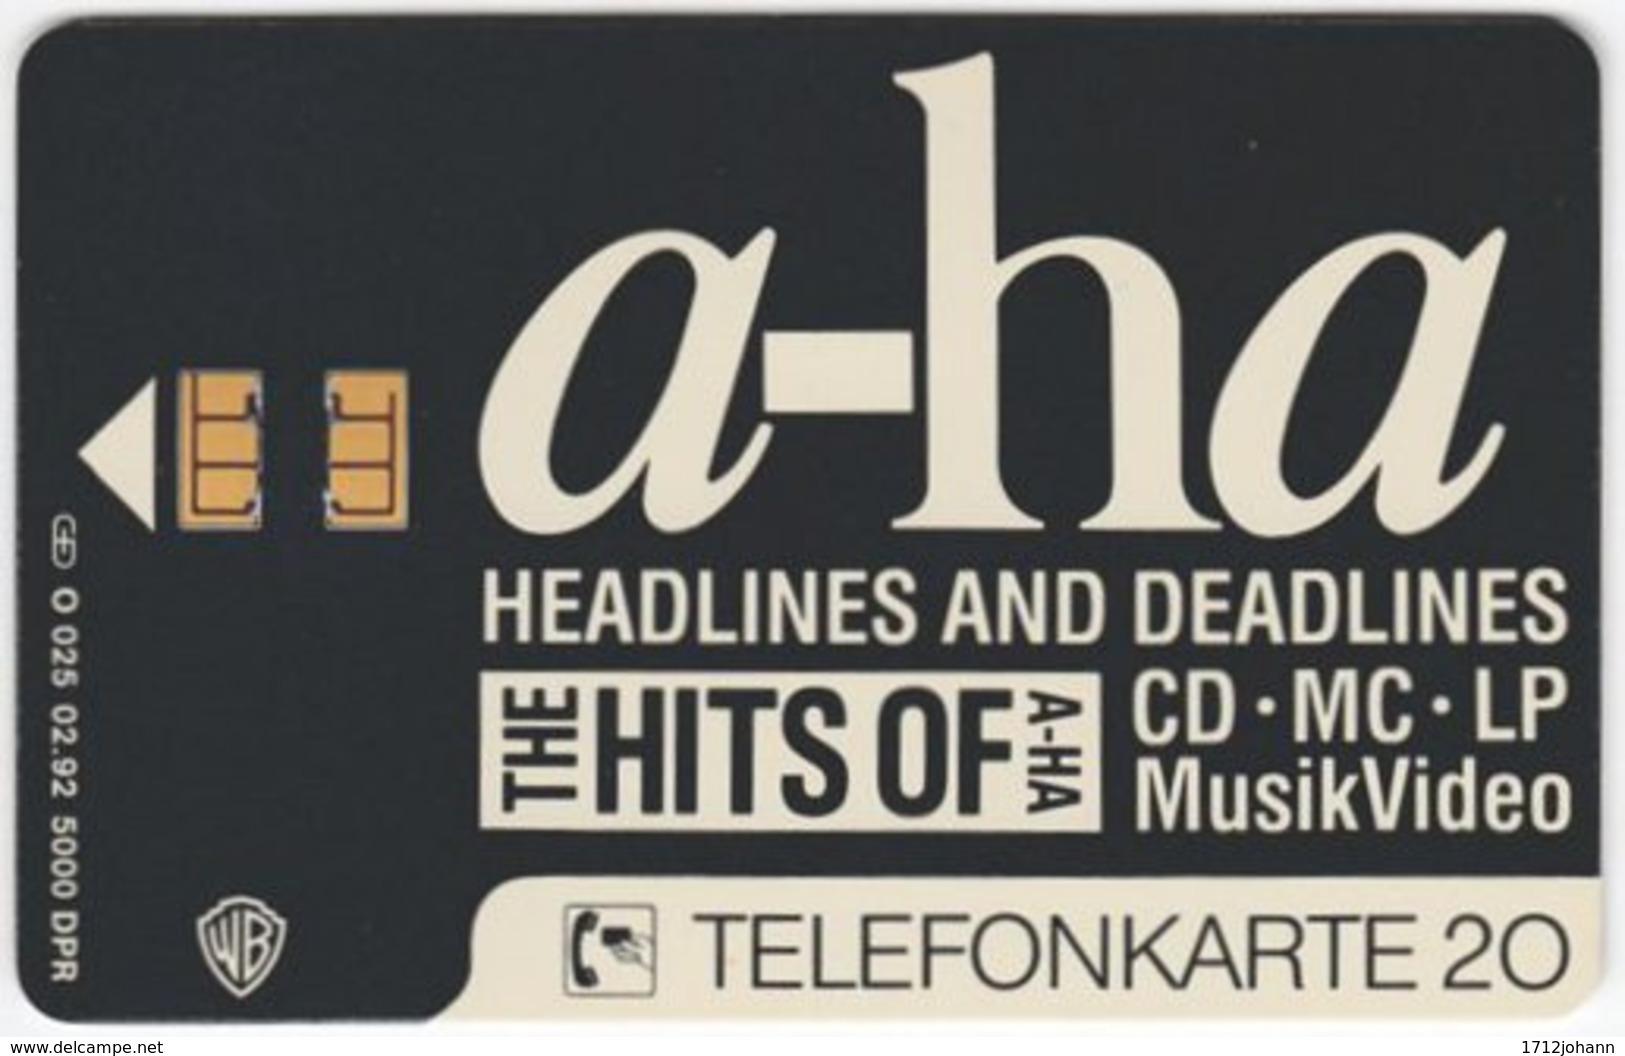 GERMANY O-Serie A-958 - 025 02.92 - Musicians, A-Ha - MINT - O-Series: Kundenserie Vom Sammlerservice Ausgeschlossen